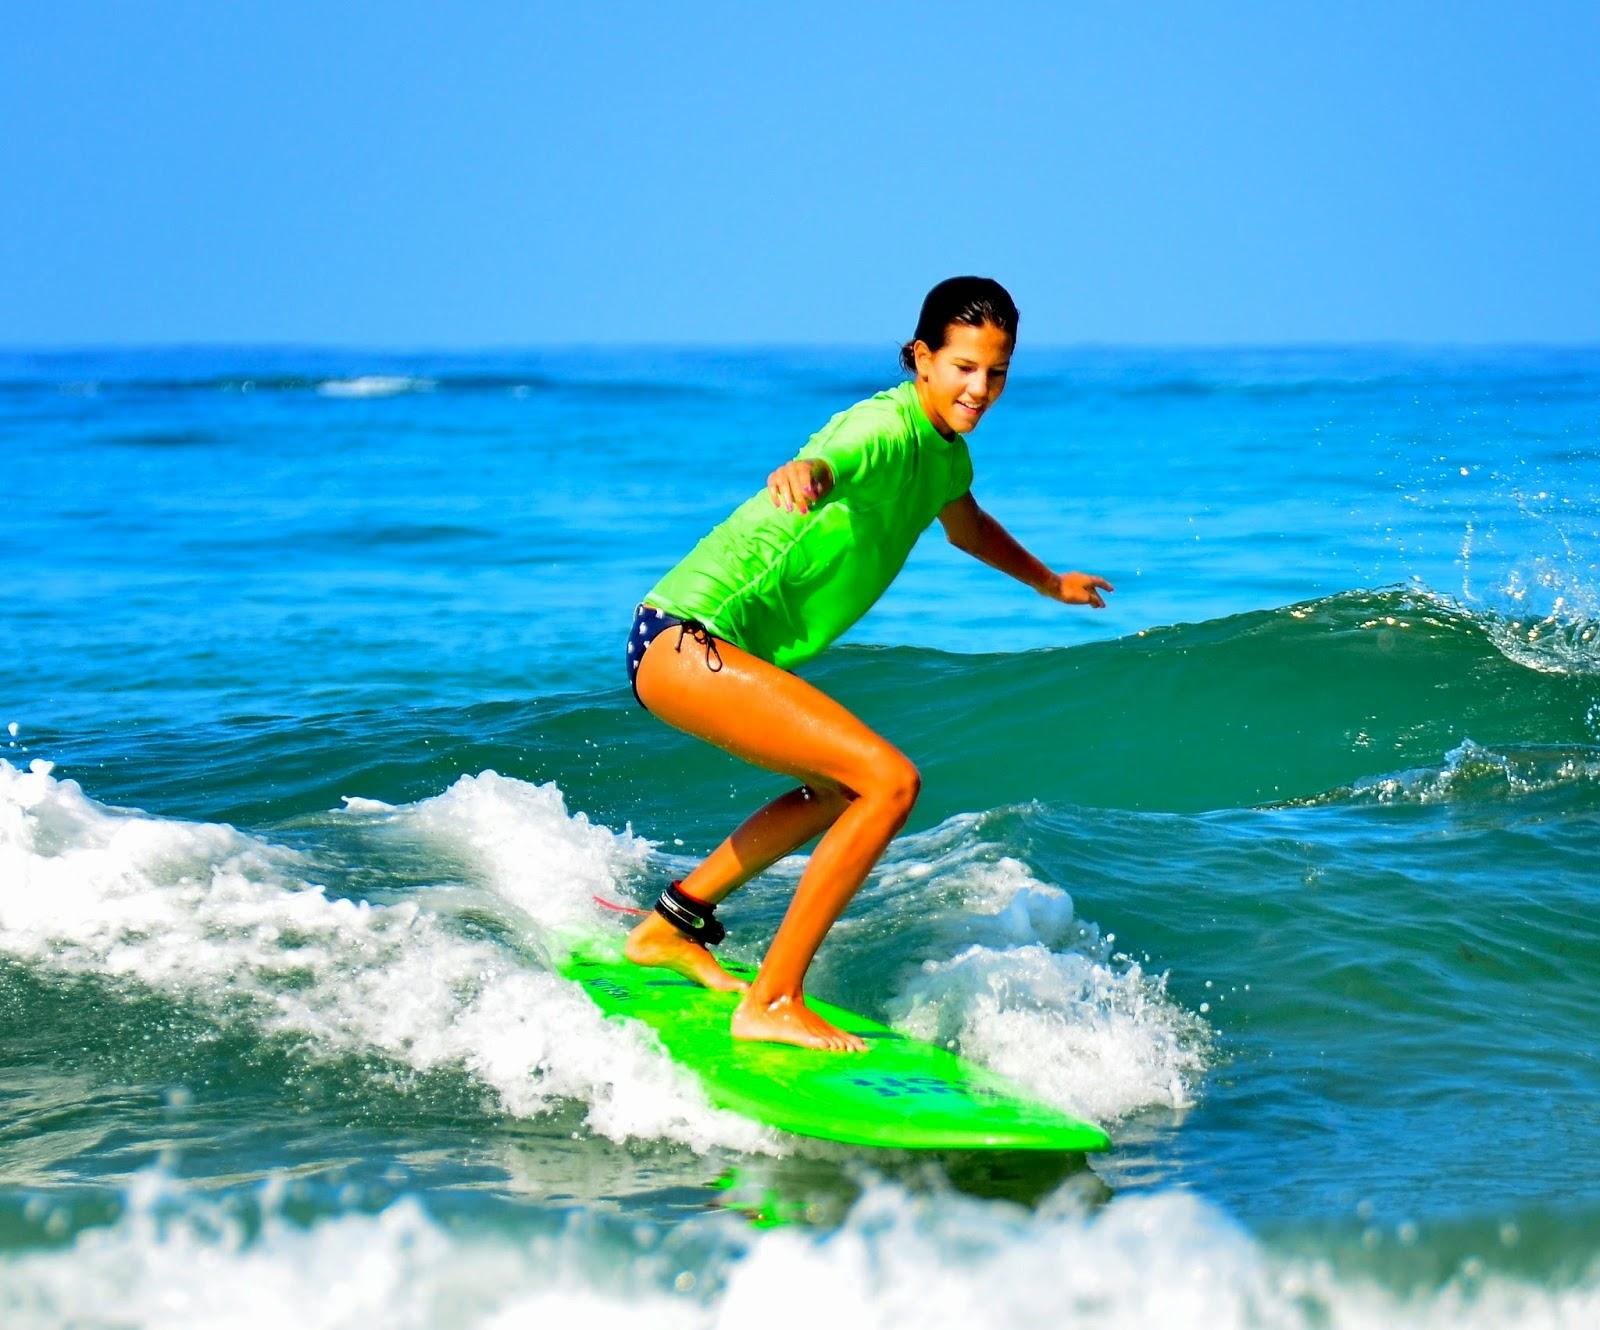 Iniciate en el mundo del Surf